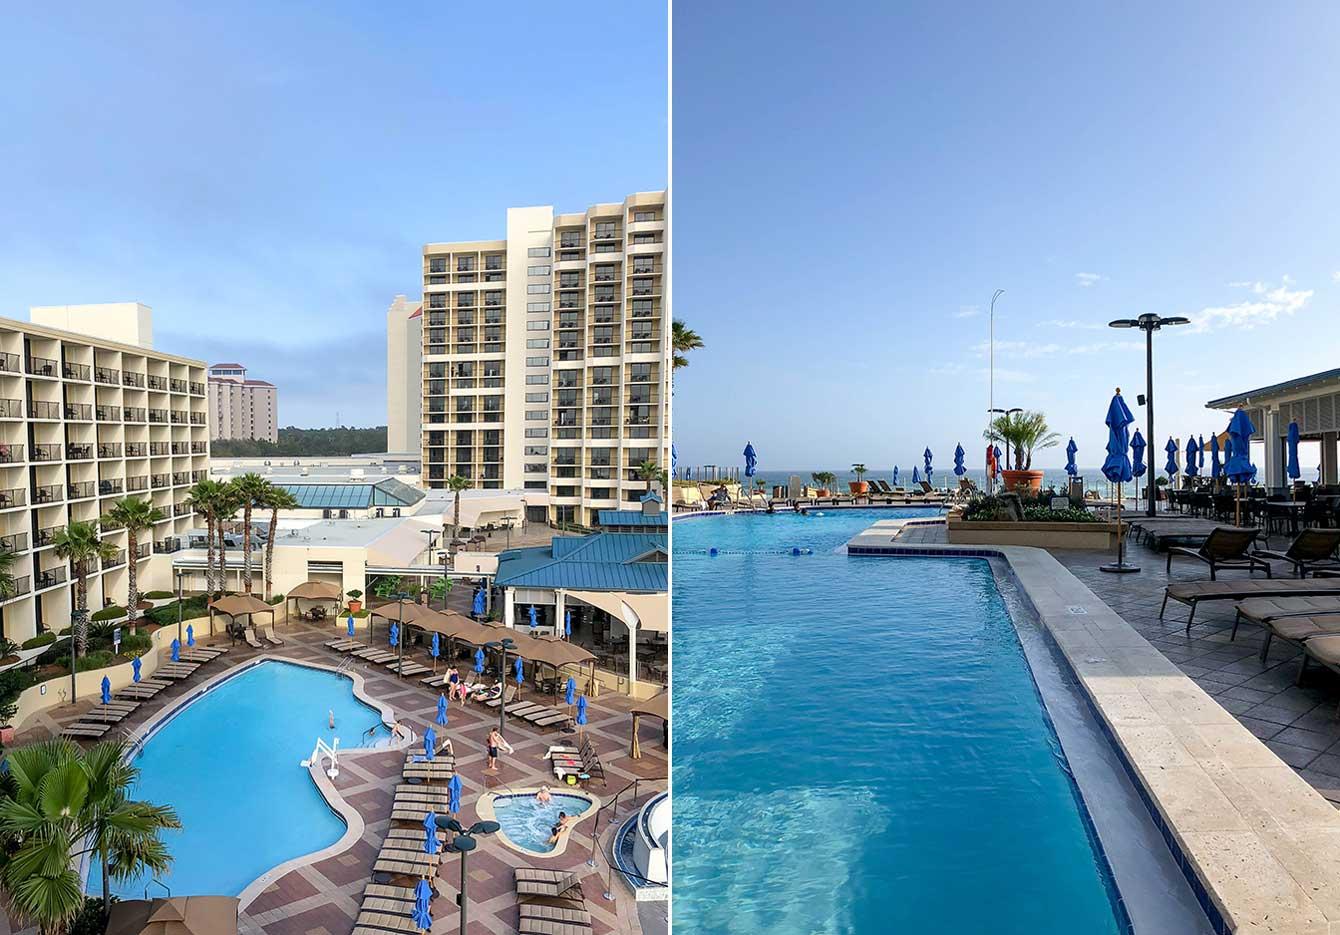 Hilton Sandestin Pools